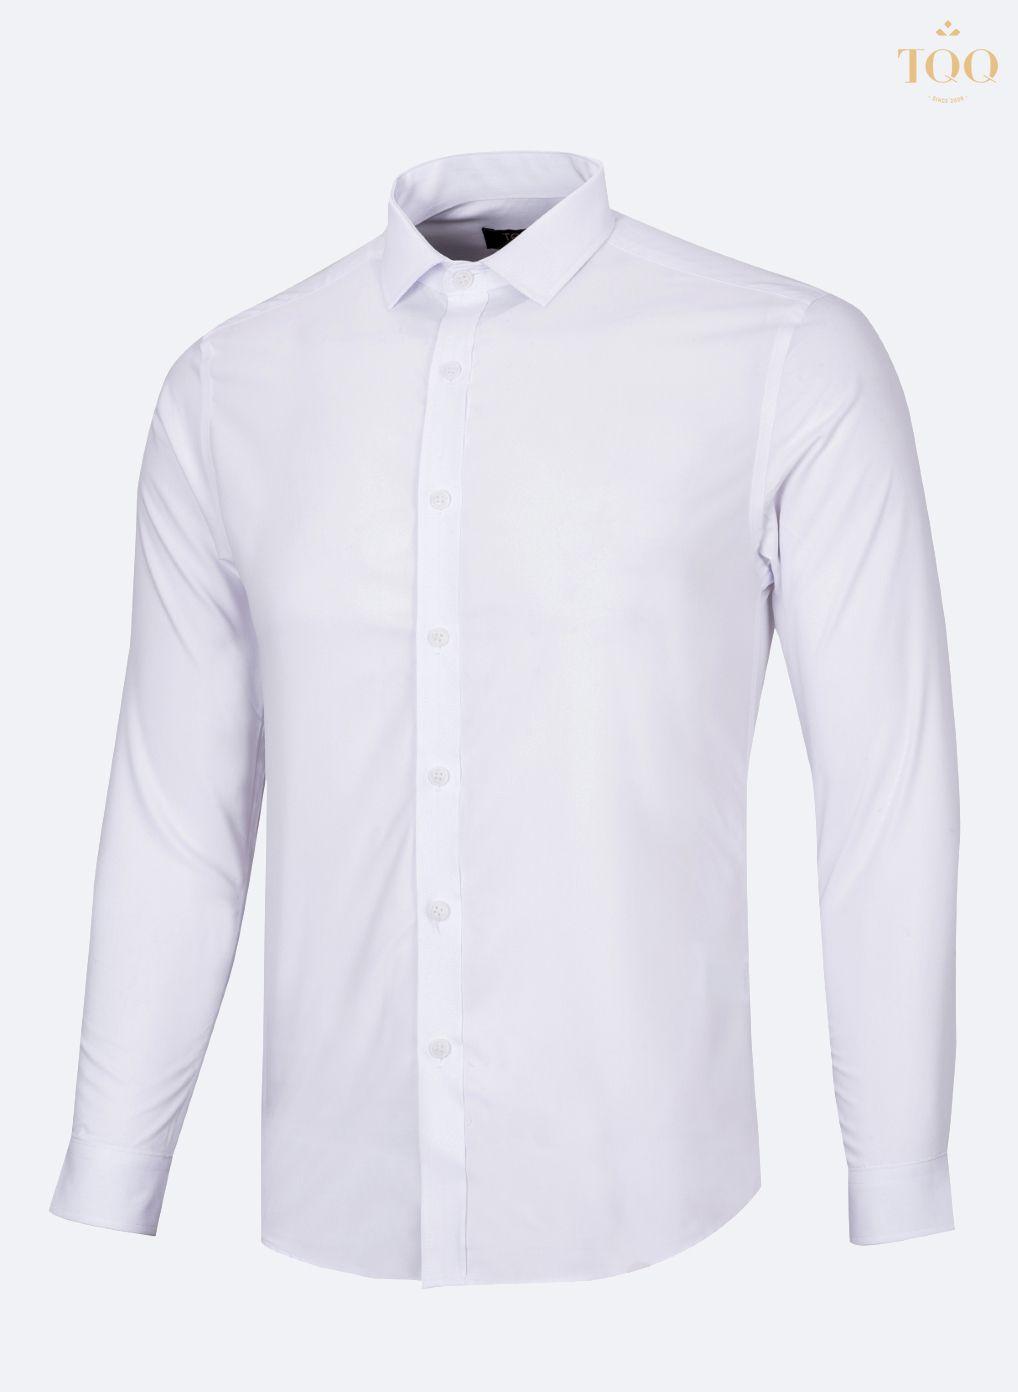 Mẫu áo sơ mi nam ôm body M01 màu trắng vô cùng trang nhã, lịch lãm